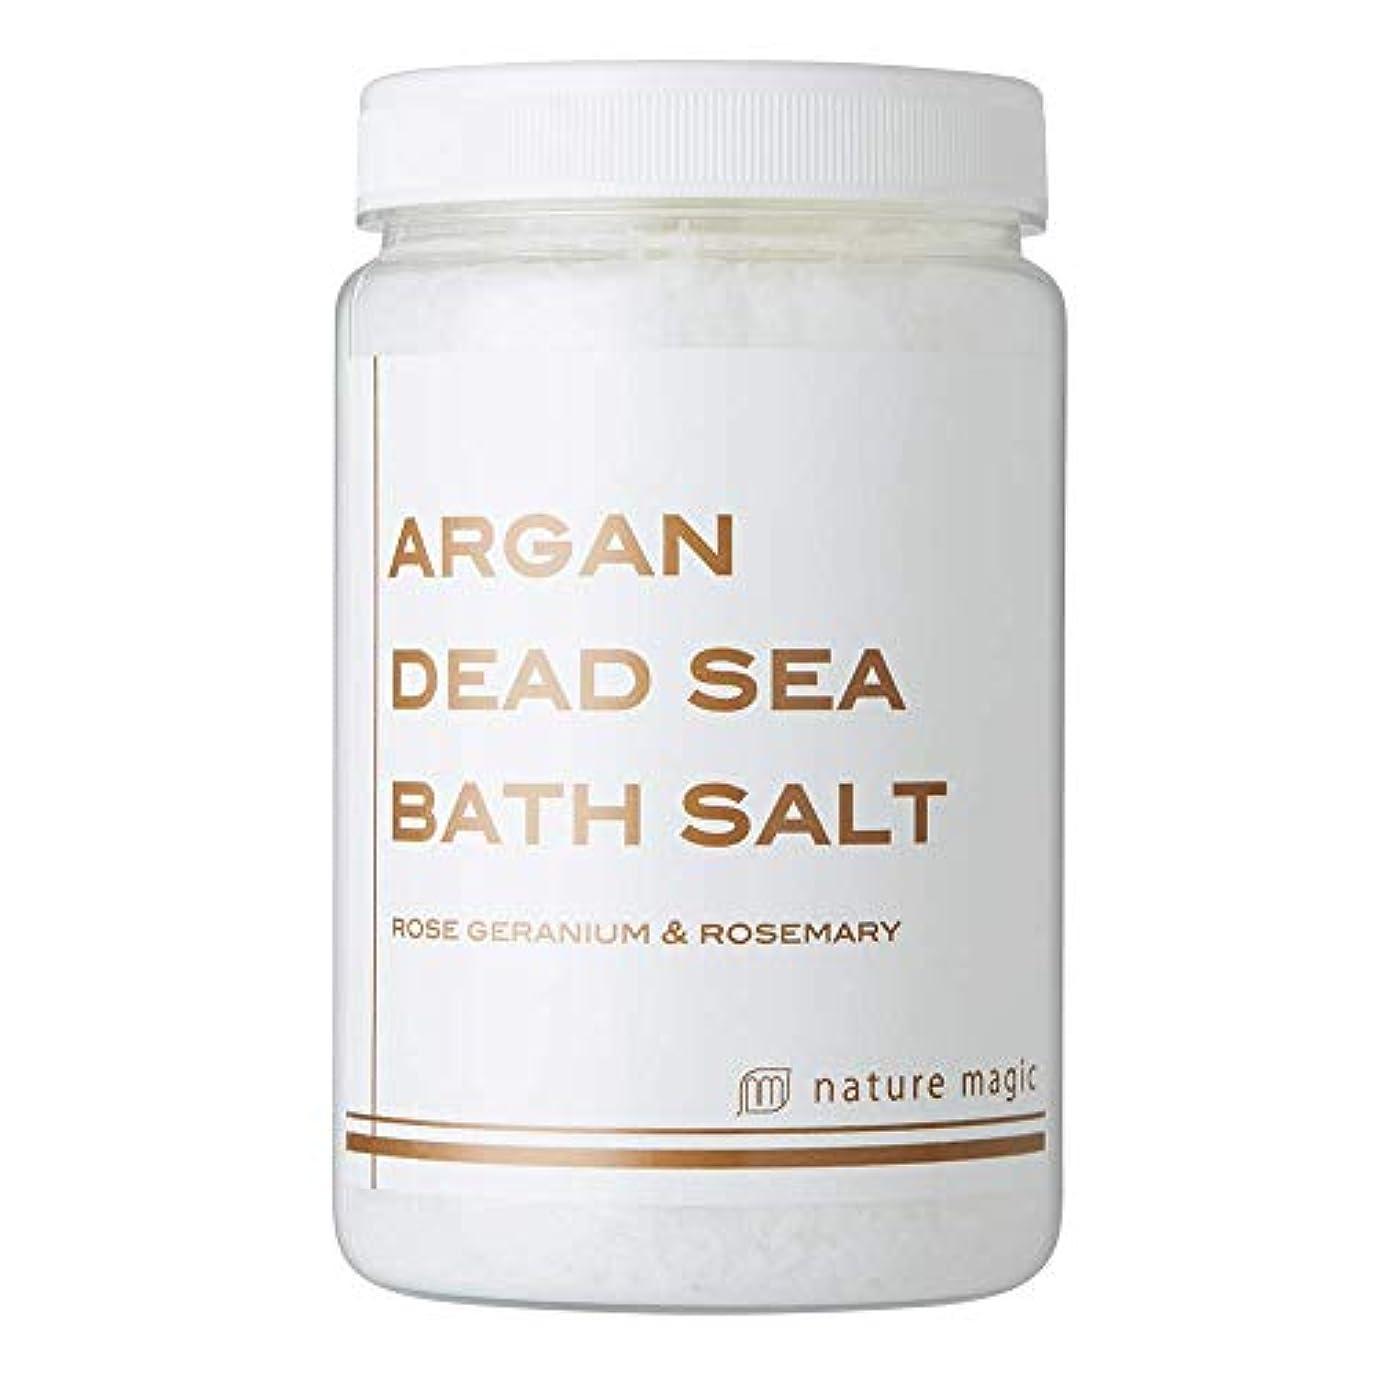 並外れて普通にレコーダー【死海の天然塩にアルガンオイルを配合した全身ポカポカ、お肌つるつる入浴剤】アルガンデッドシーバスソルト